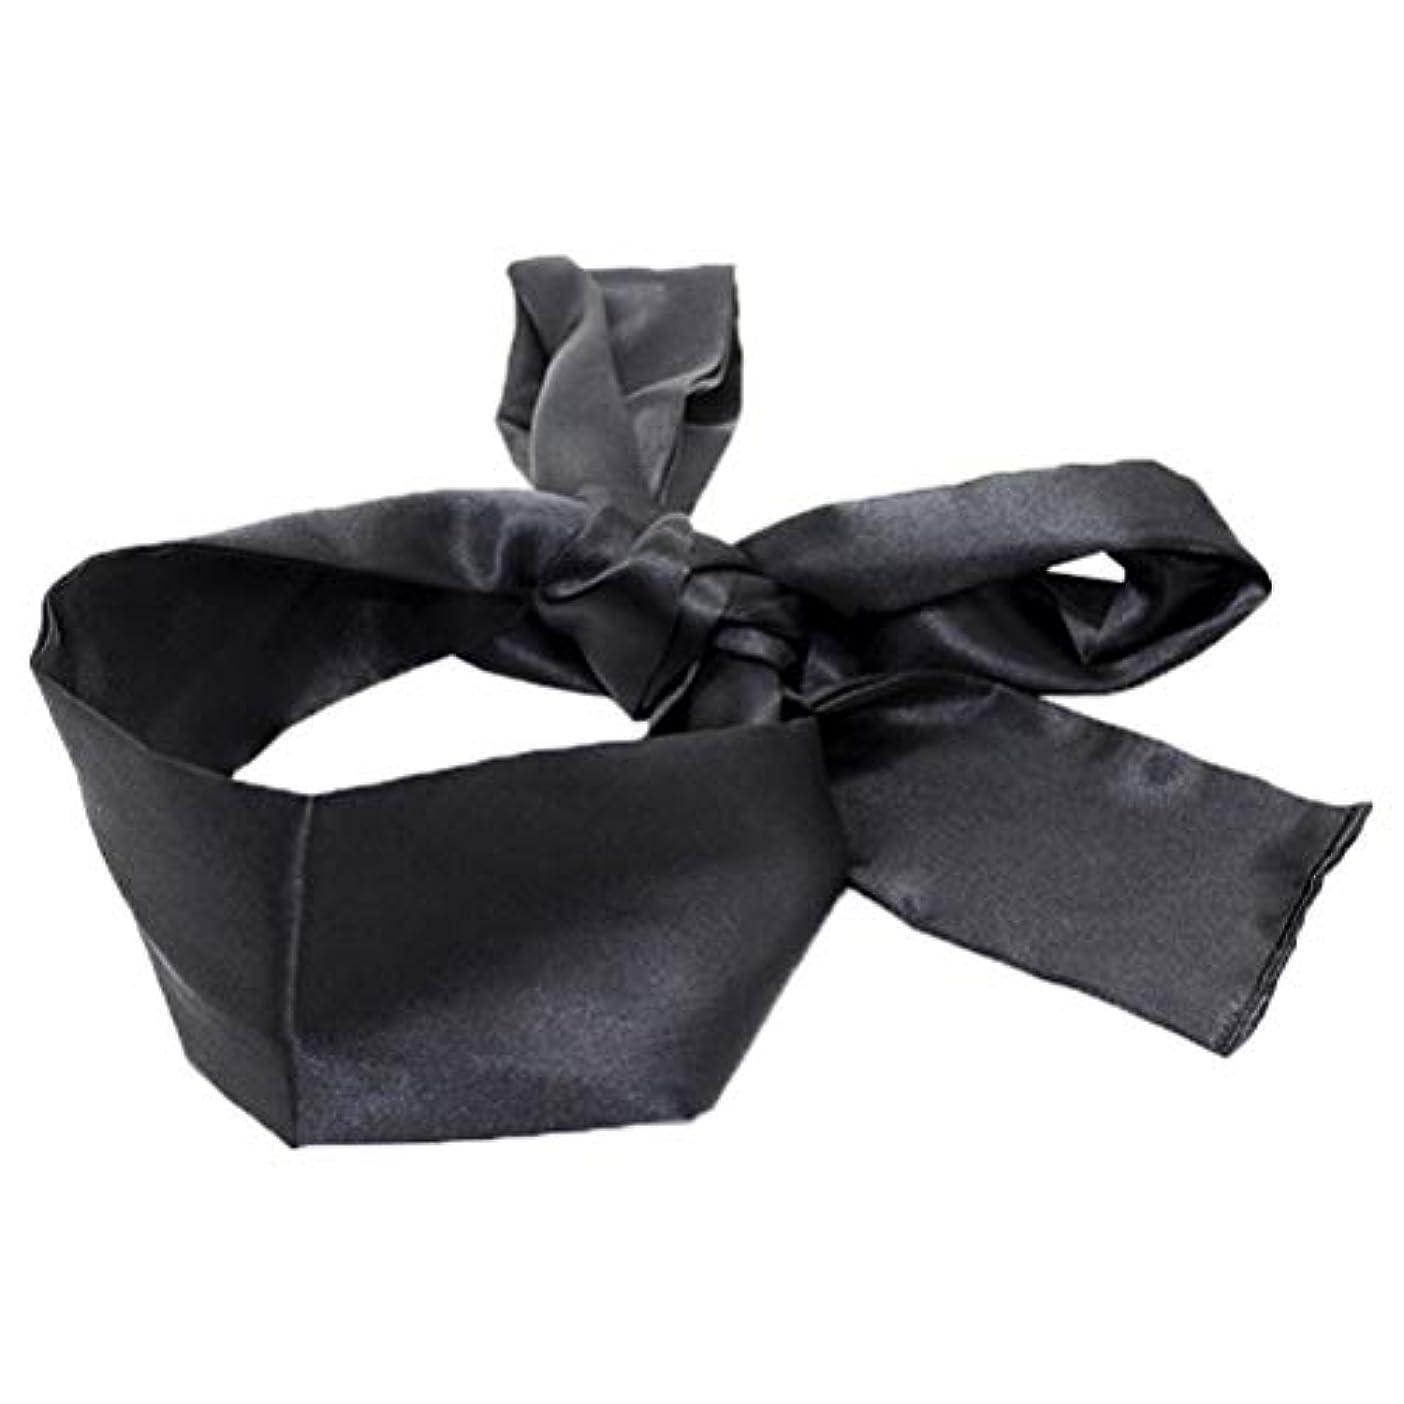 補正悲しみ軽蔑するSUPVOX ホームトラベルコスチューム小道具用サテン目隠しソフト快適なアイマスクバンドブラインド(ブラック)